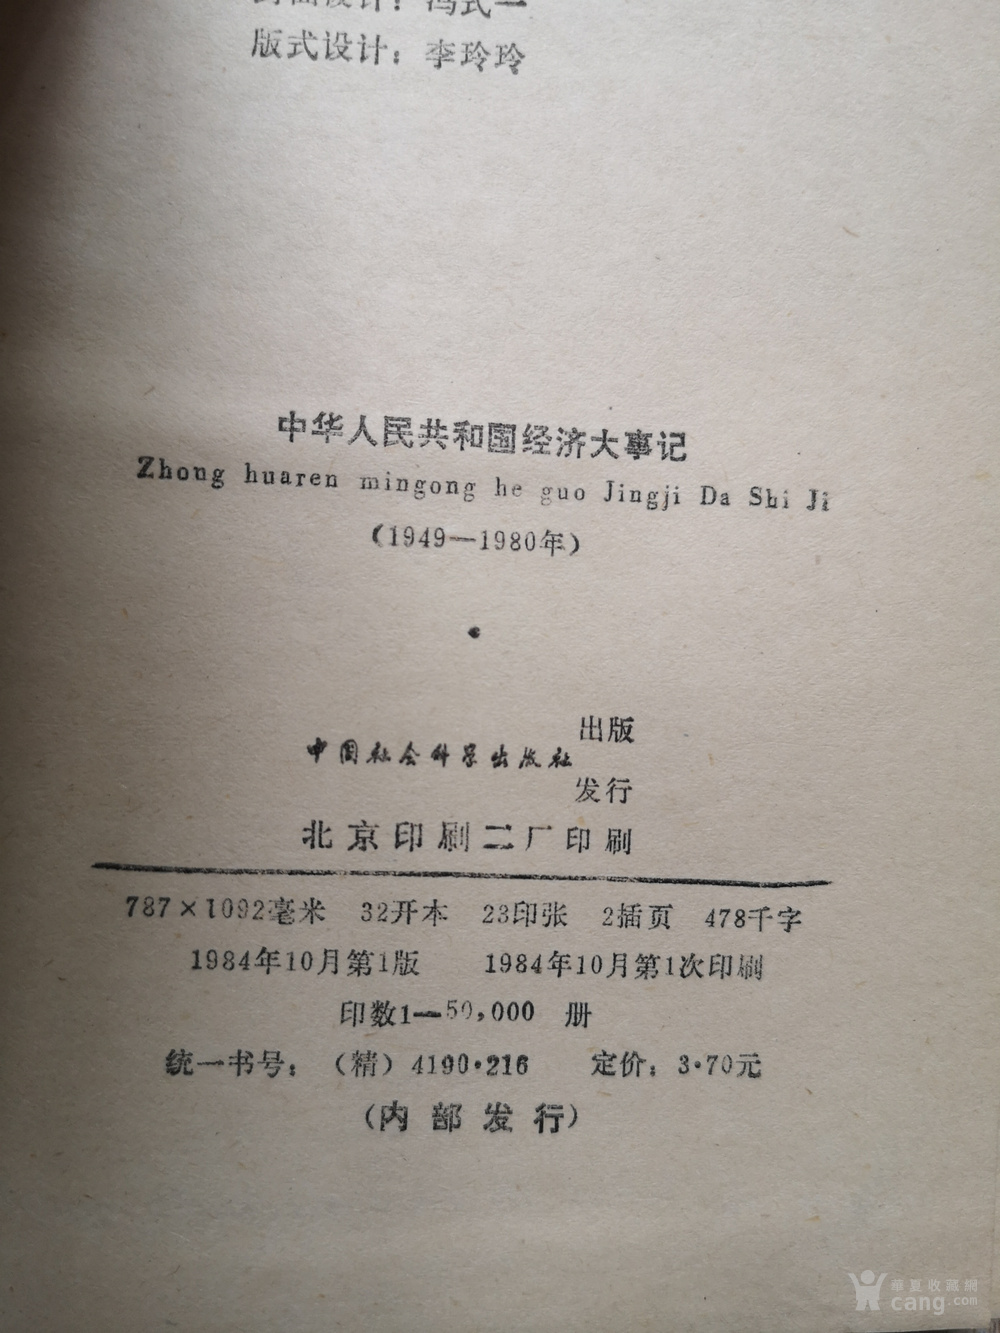 中华人民共和国经济大事记